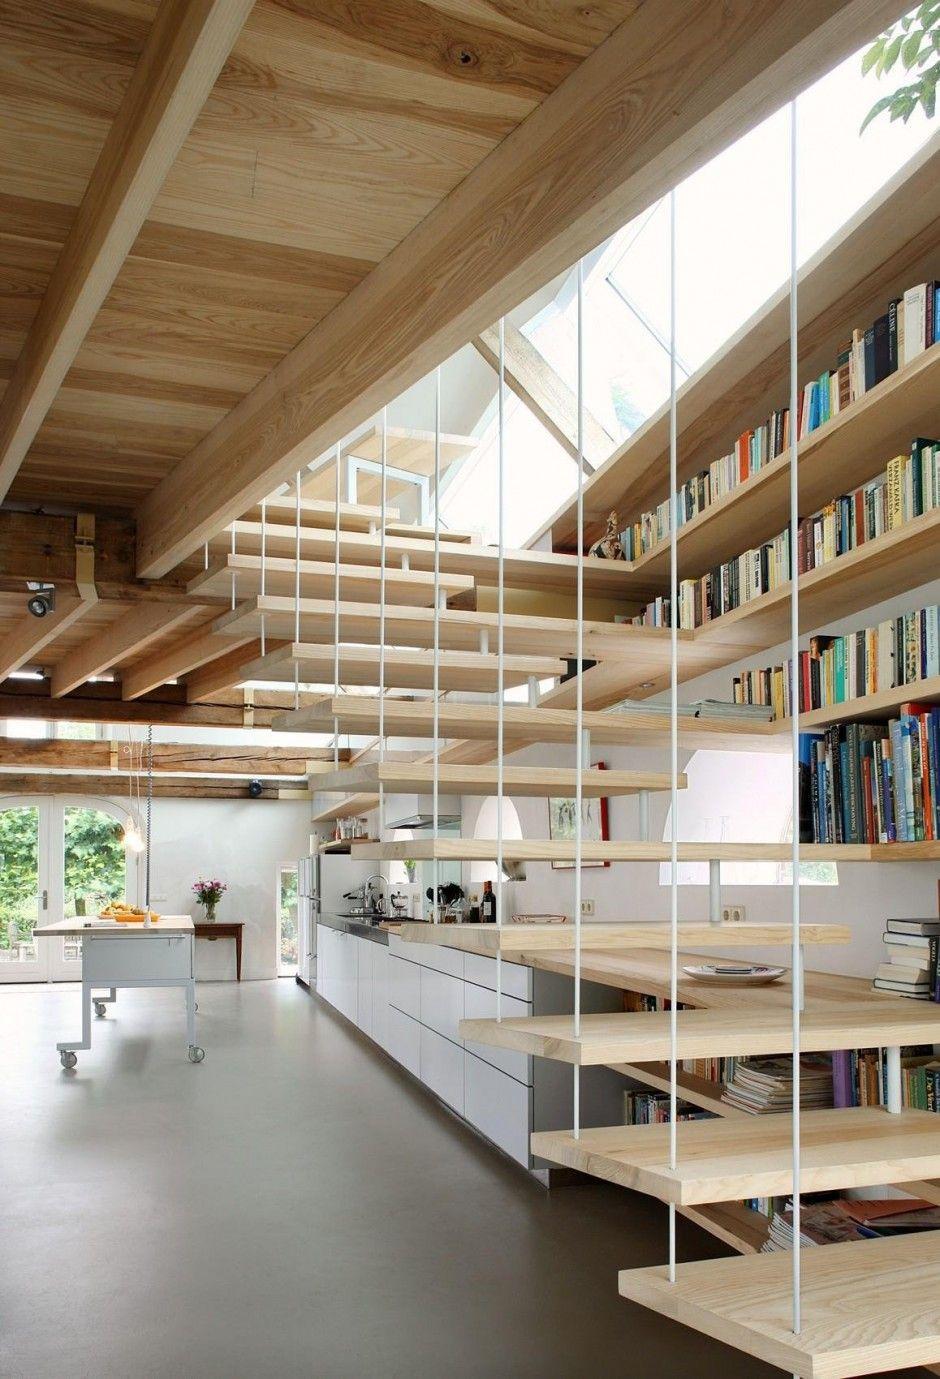 Keuken in de gang icm trap Houten plafond/vloer?